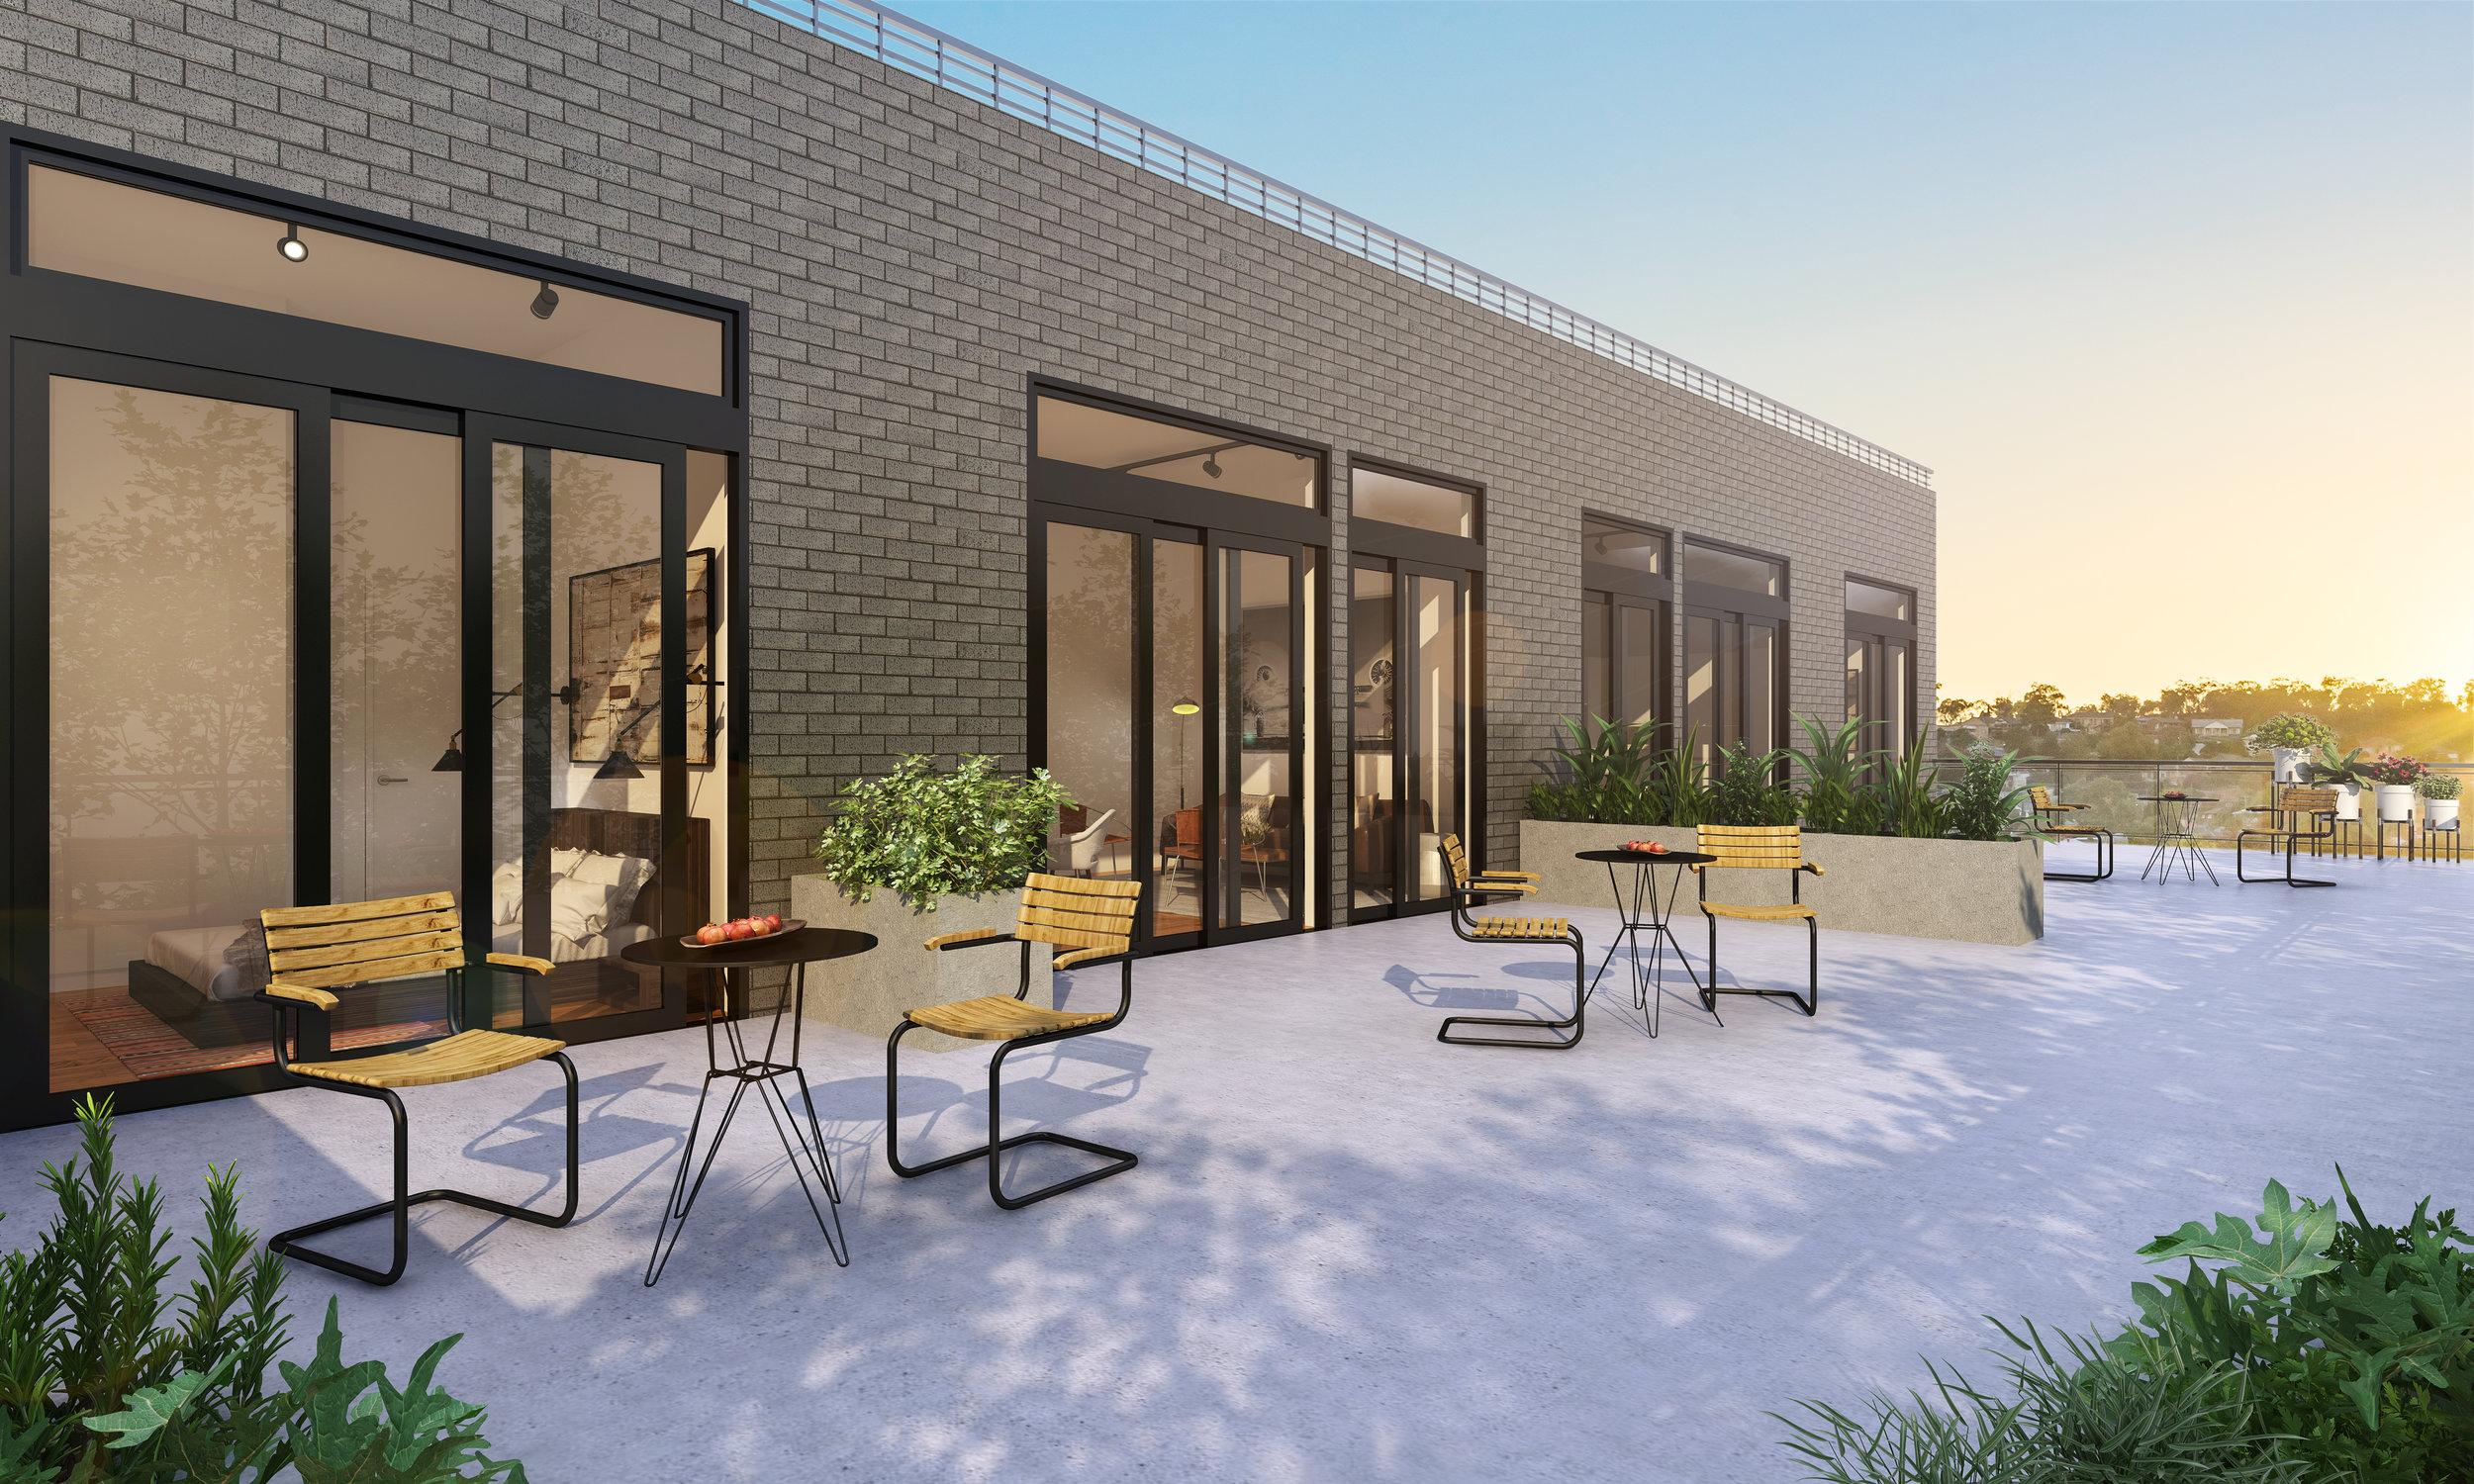 3-4856 Residential Renders SUS3989 0828 FI.jpg